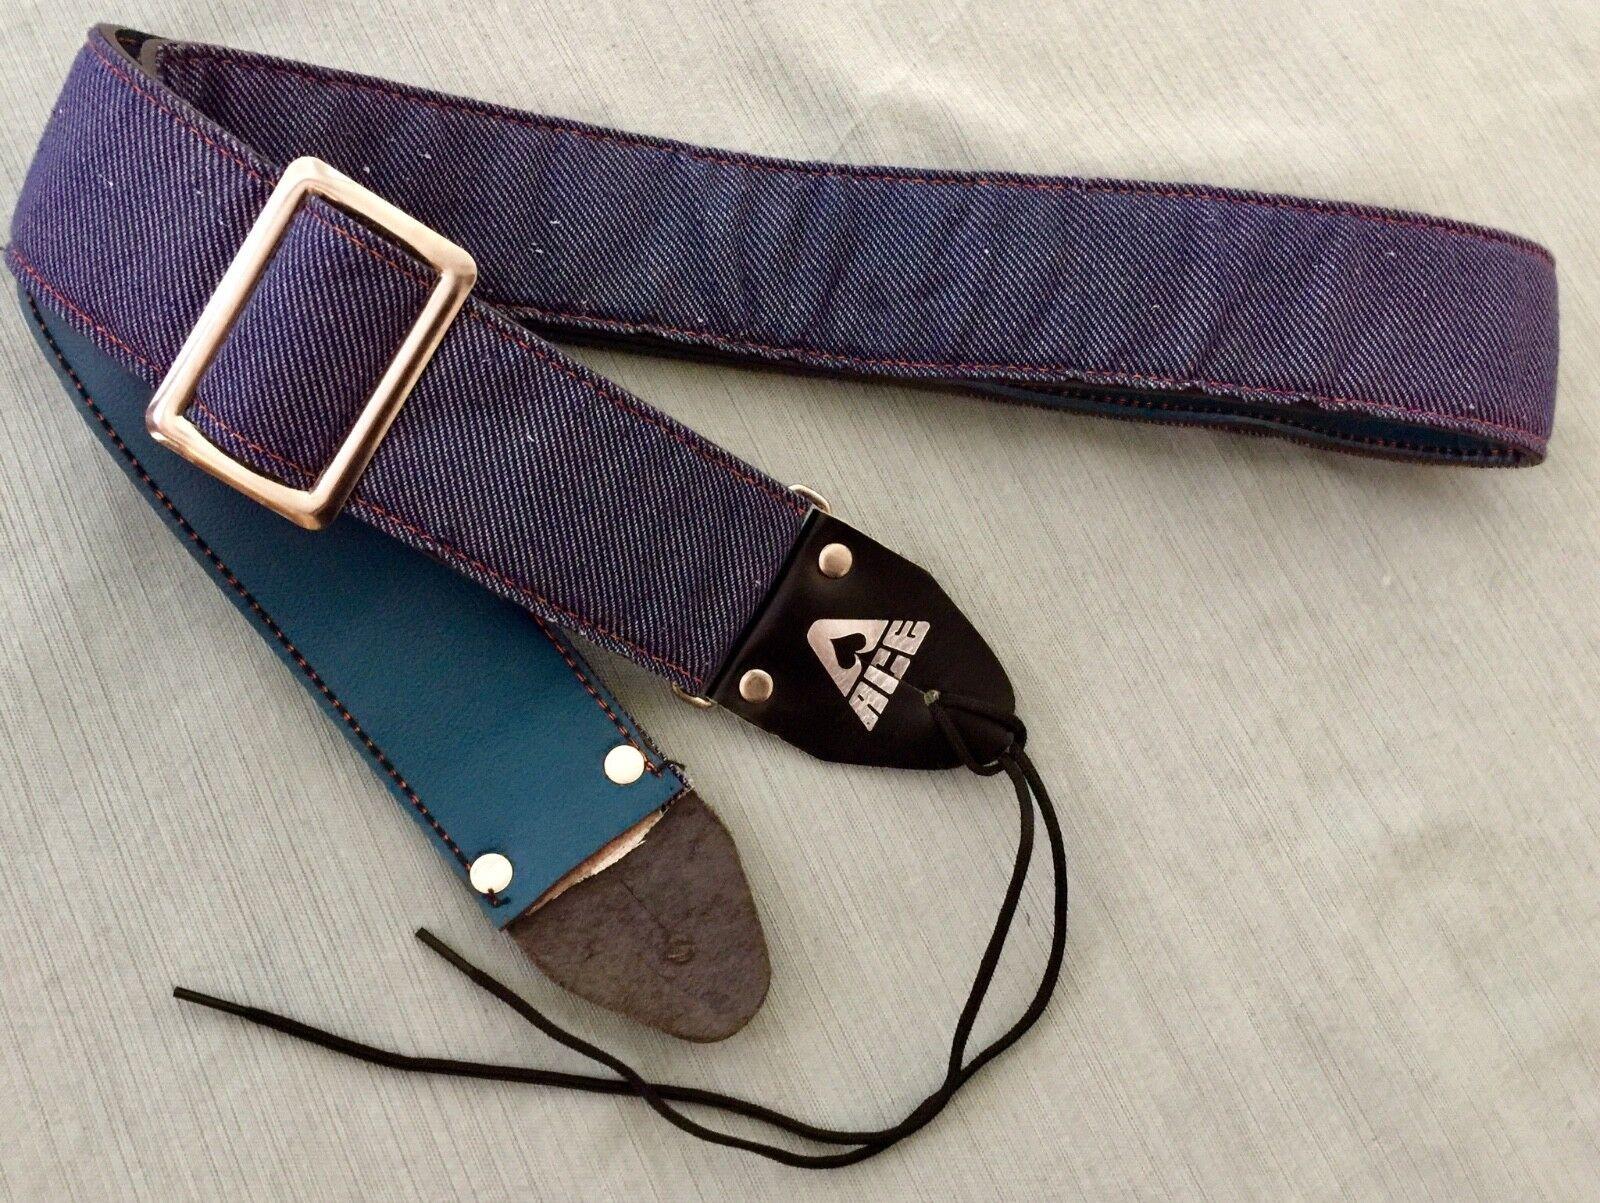 Rare Vintage ACE Indigo Denim Guitar Strap Made in USA New